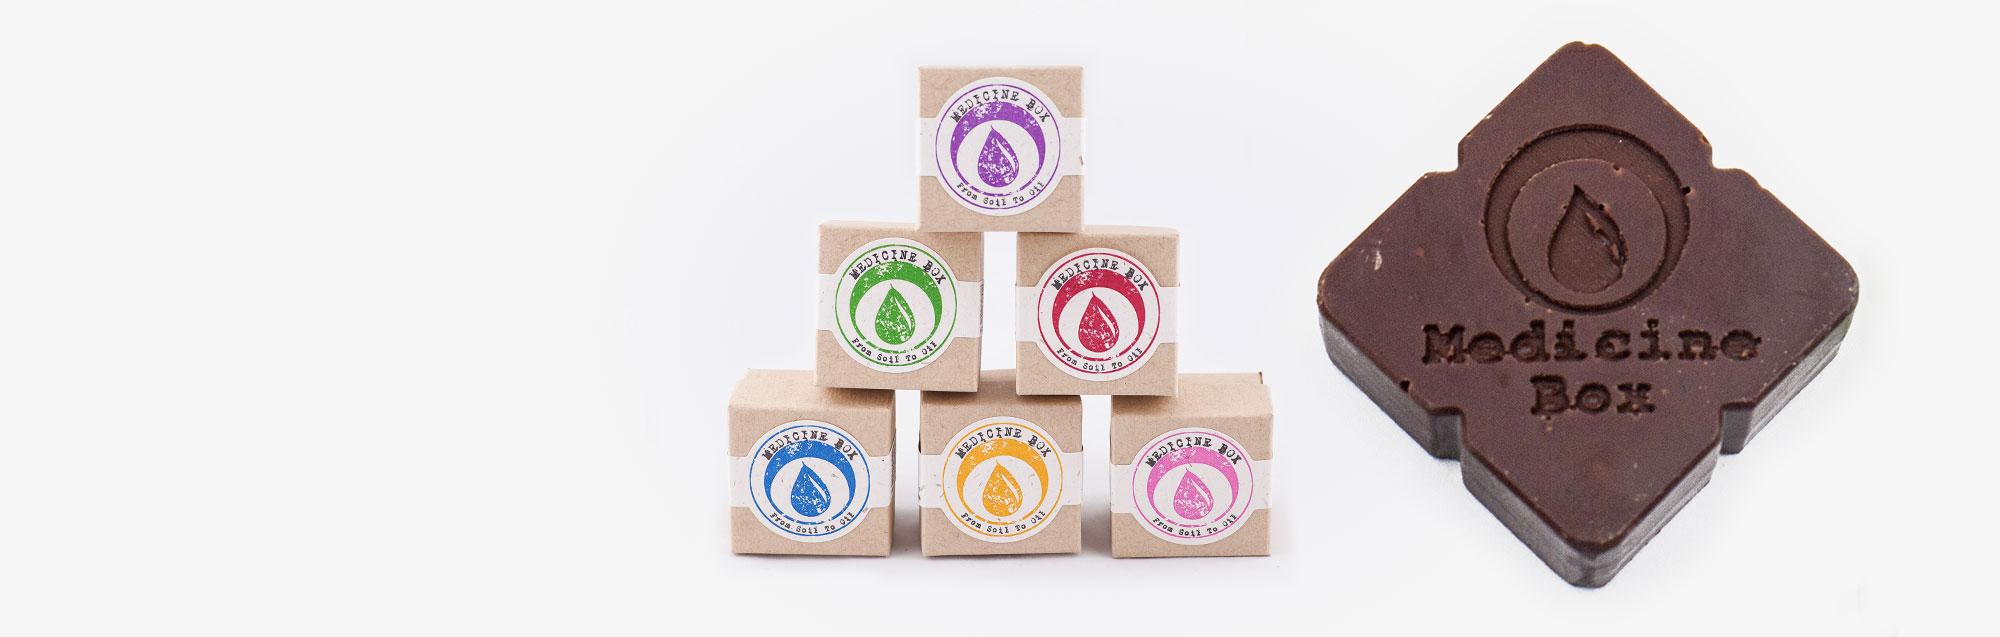 medicine box truffles boxes